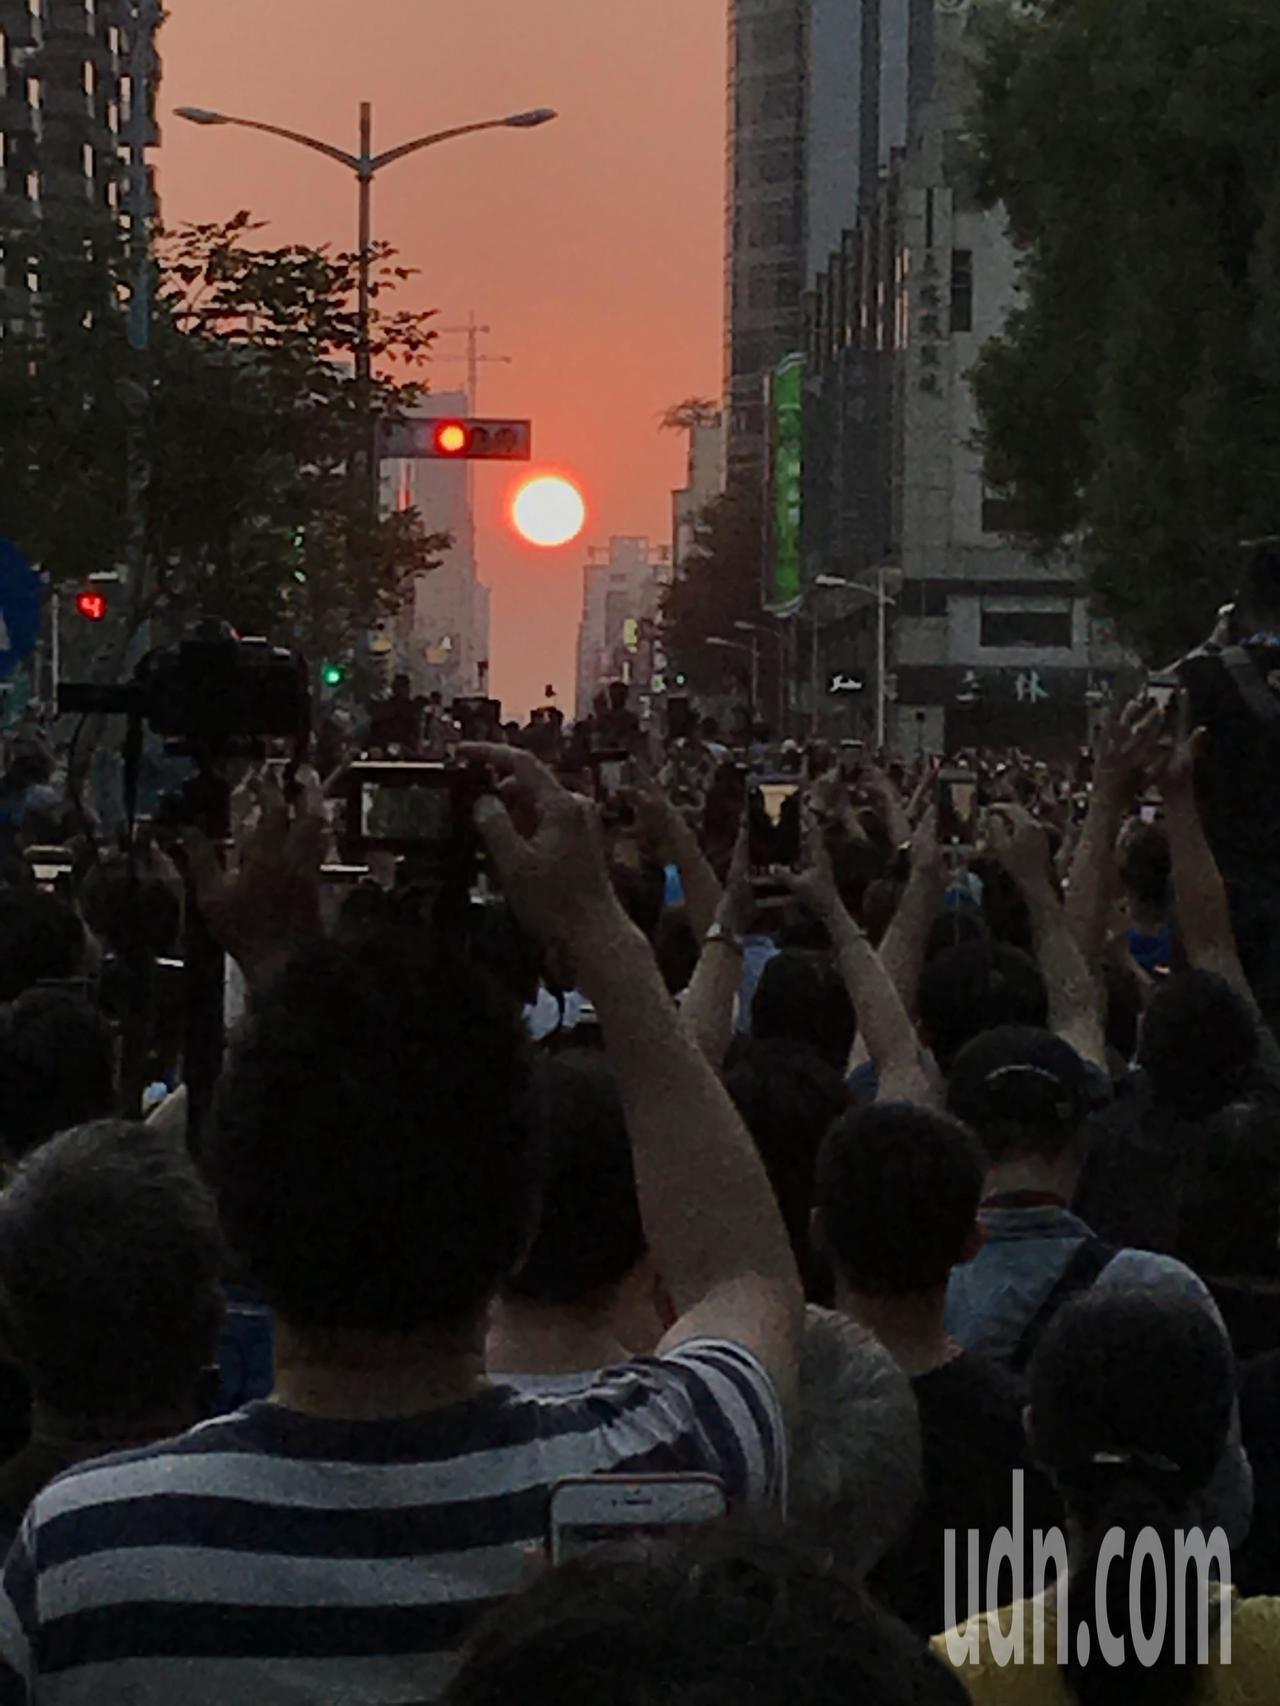 民眾搶拍高雄版「曼哈頓懸日」美景。記者林伯驊╱攝影